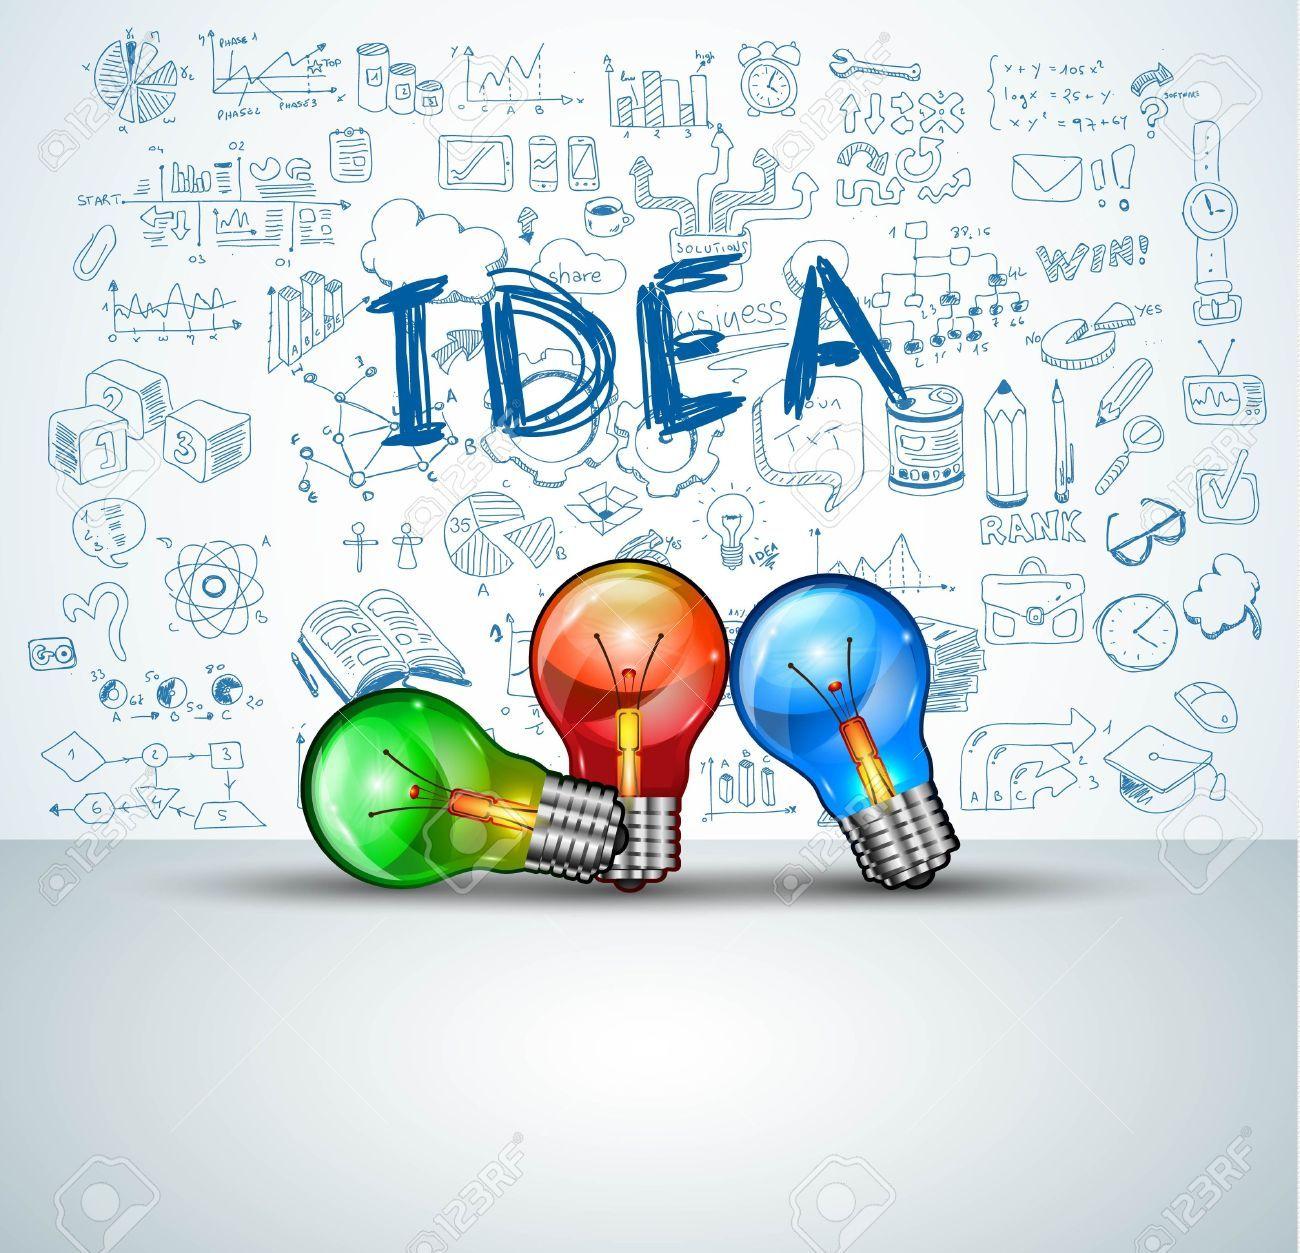 dise o de infograf a de lluvia de ideas concepto de fondo On diseno minimalista concepto